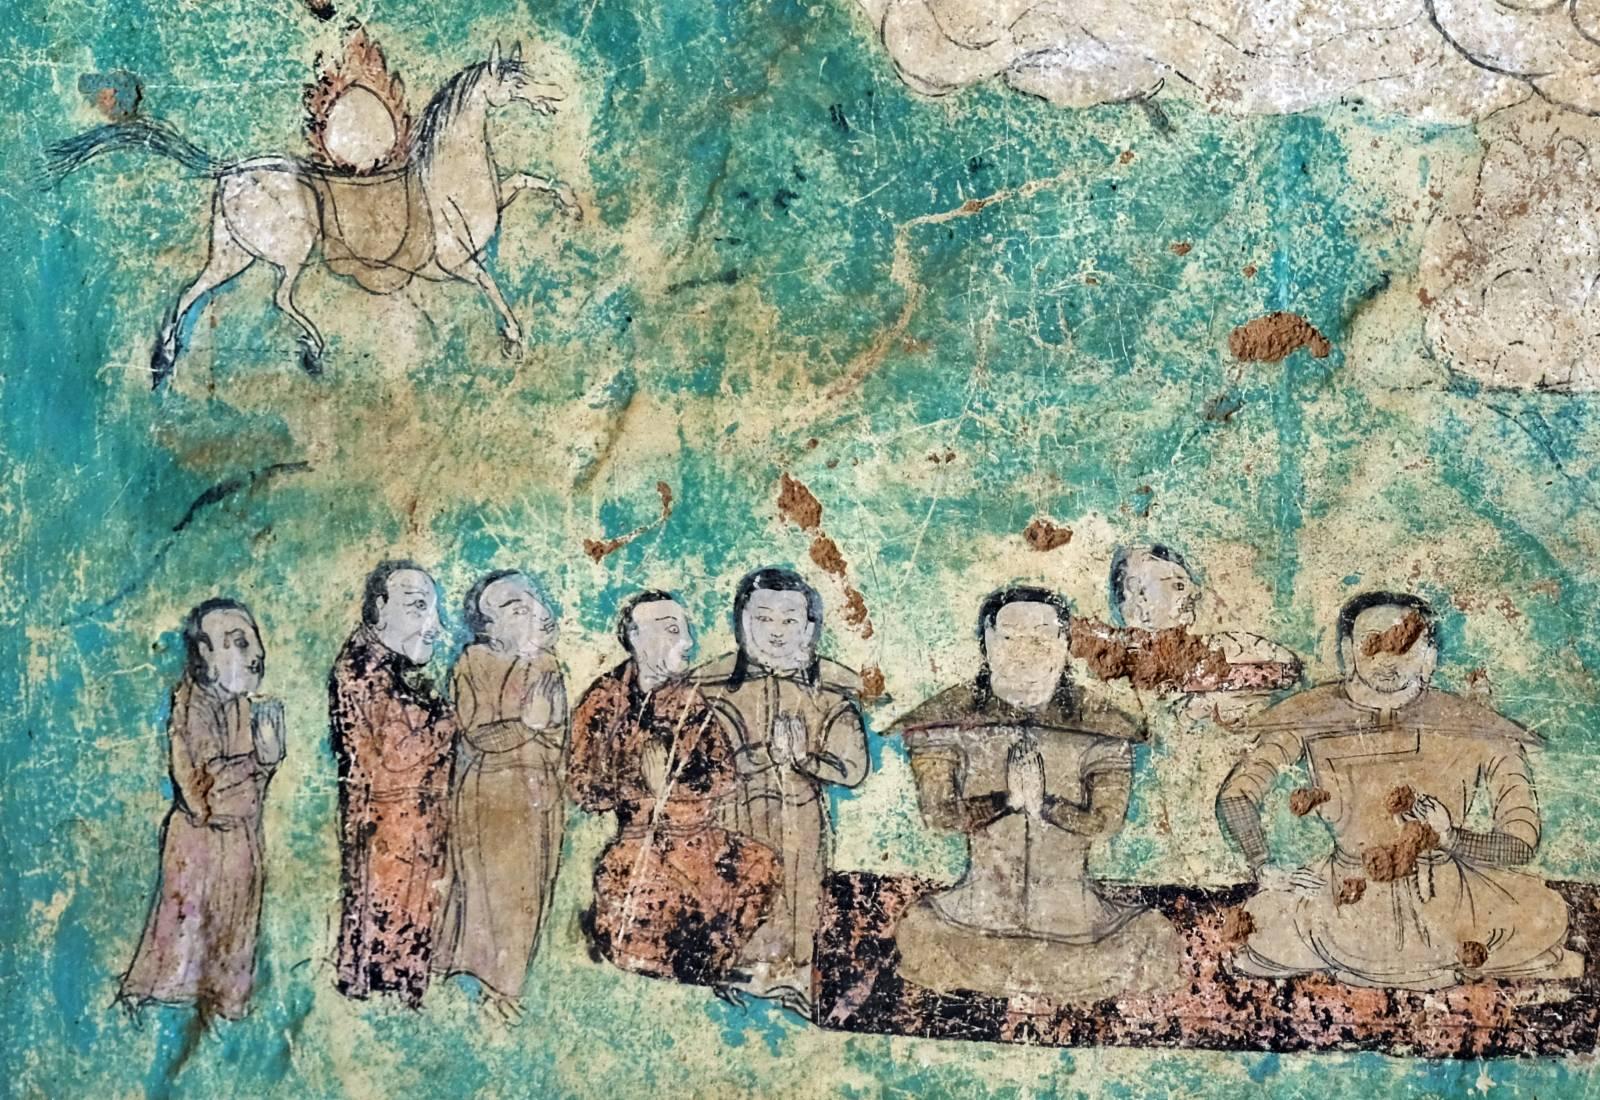 阿爾寨石窟保護將力爭納入「十四五」規劃